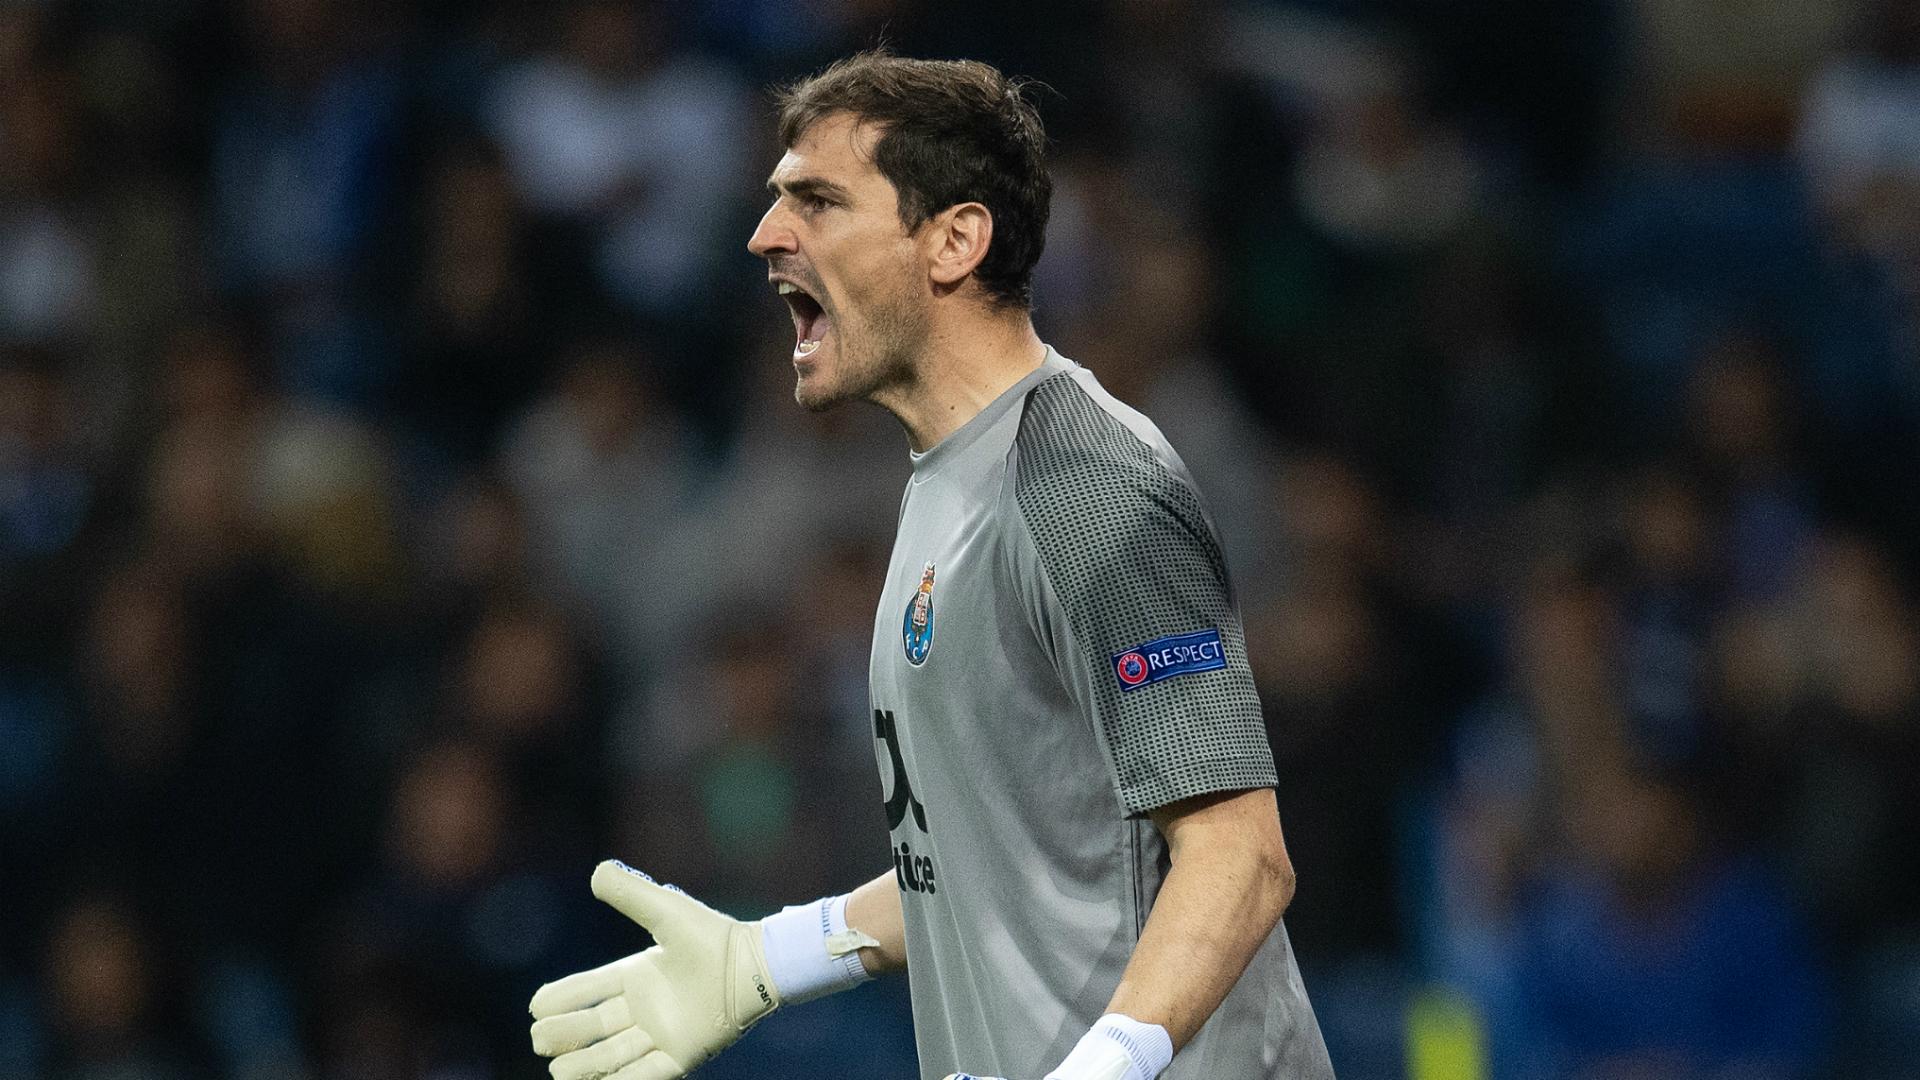 Spain great Casillas to run for RFEF presidency